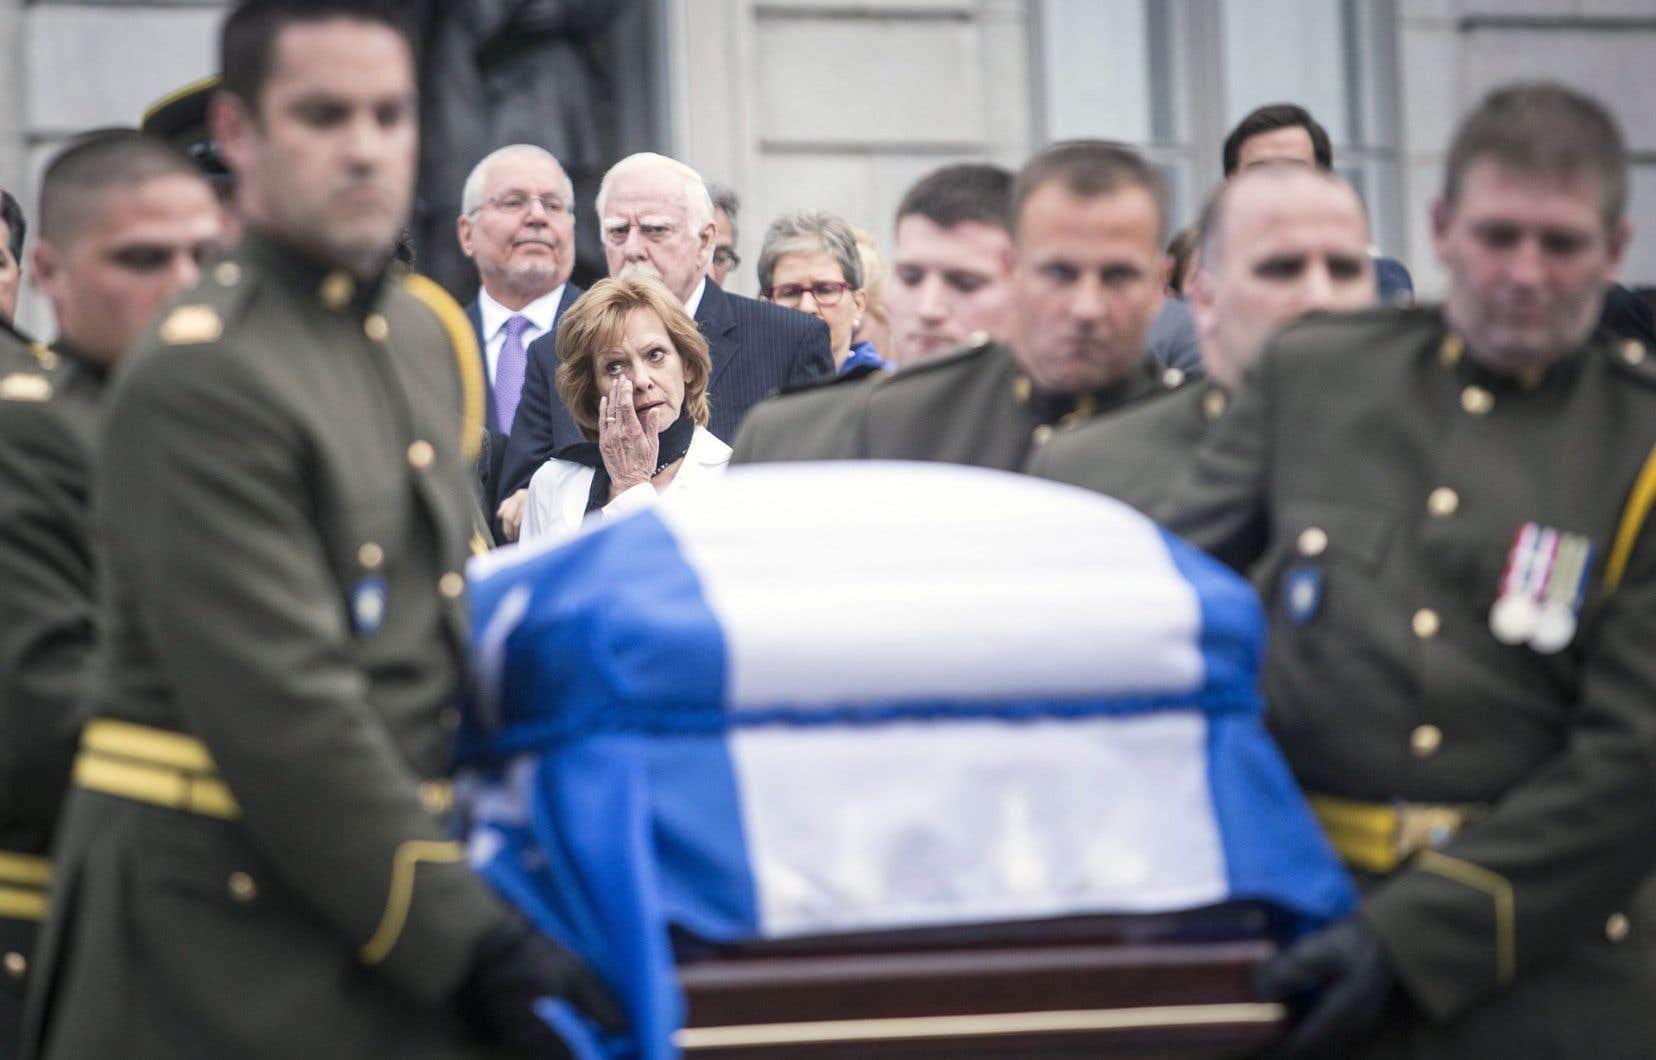 Le cercueil de Jacques Parizeau a quitté l'Assemblée nationale dimanche après avoir été salué par des milliers de personnes. Son épouse, Lisette Lapointe, suivait le cortège.